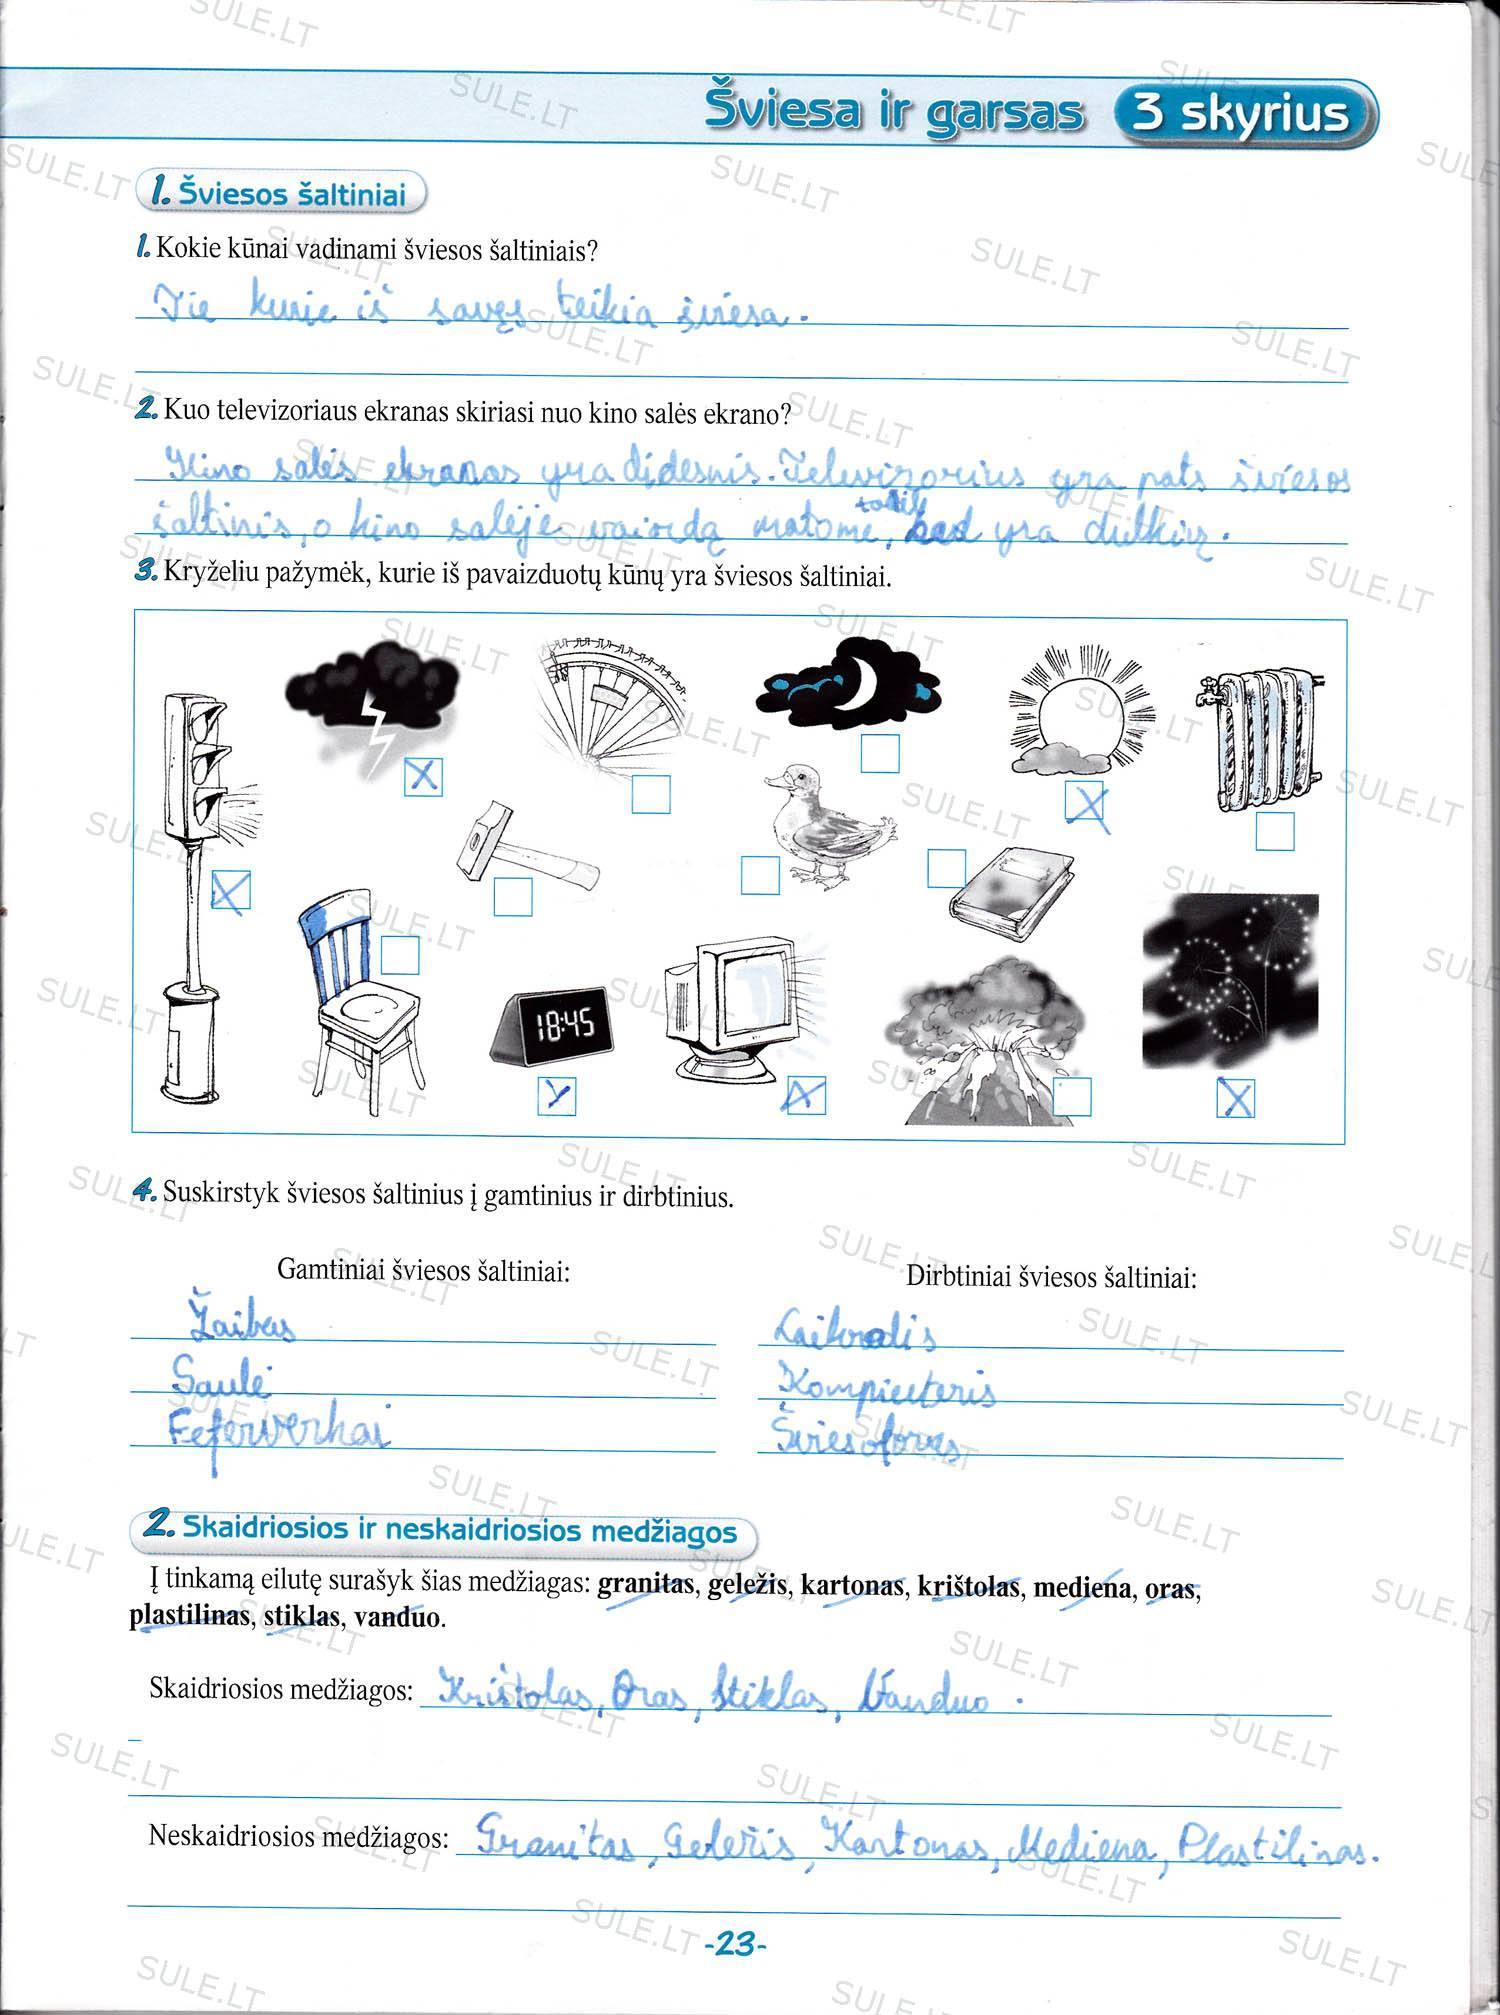 Biologija-6-klasei-2-dalis-23-puslapis1